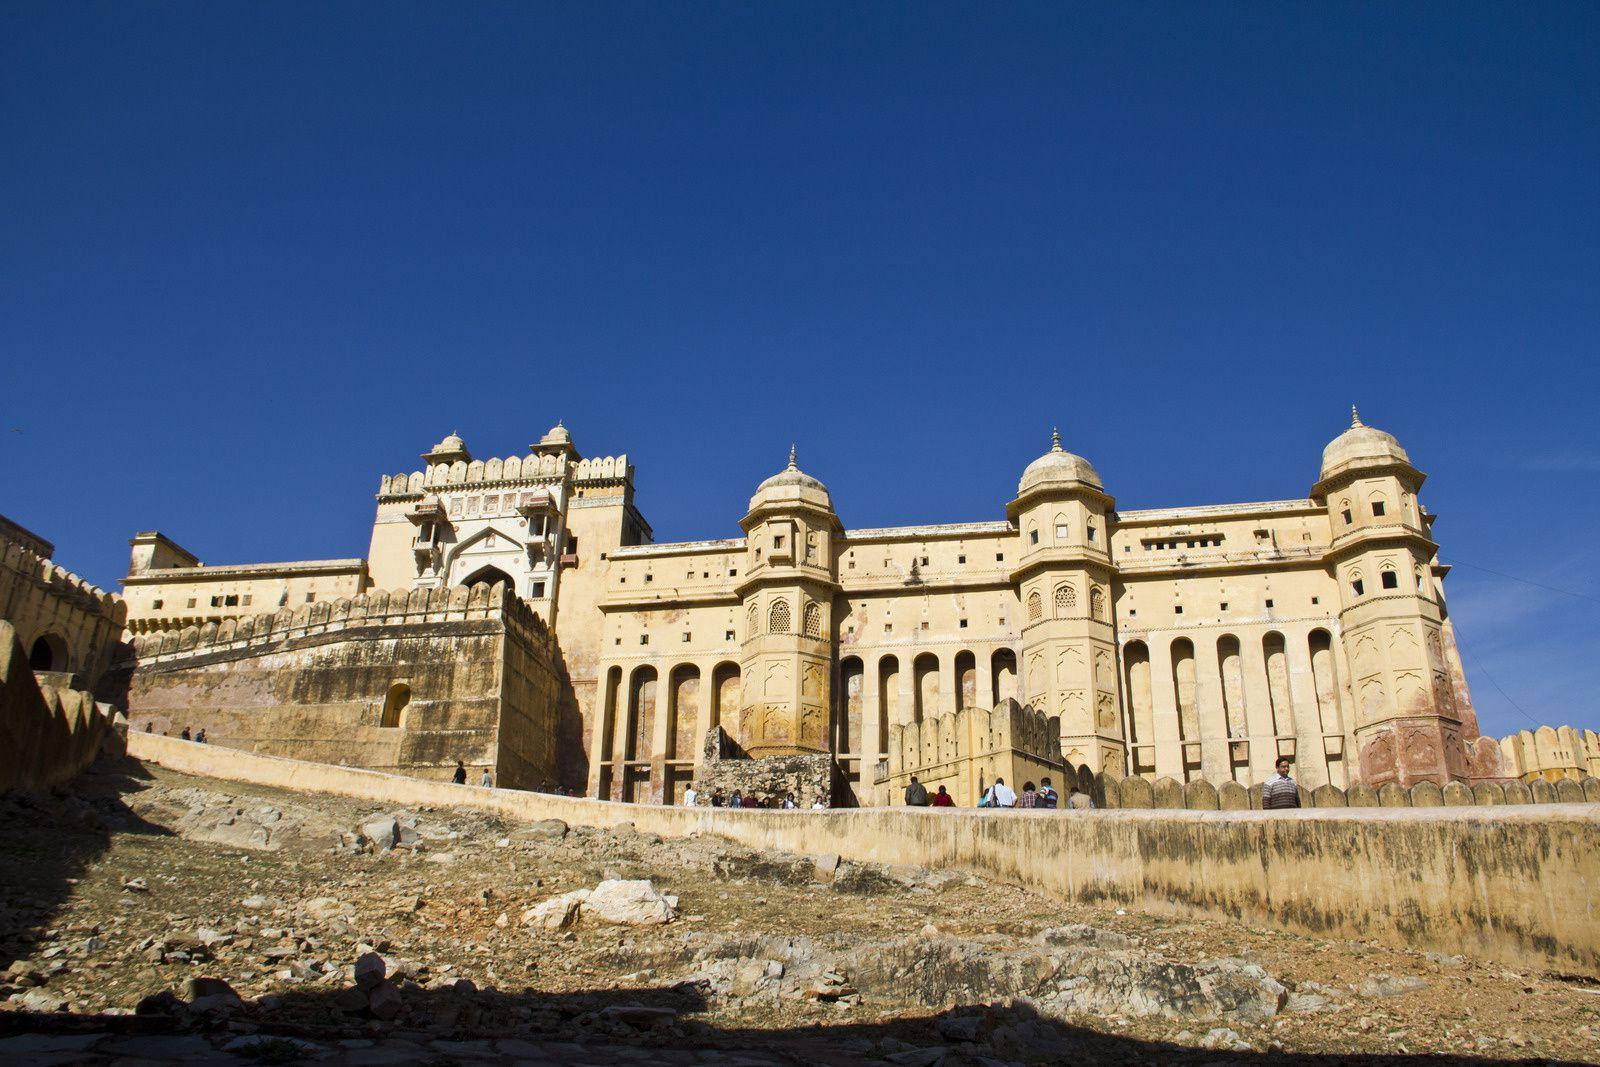 Vues extérieures du palais d'Amber, porte d'entrée de la forteresse, le mur d'enceinte, les jardins sur l'eau.